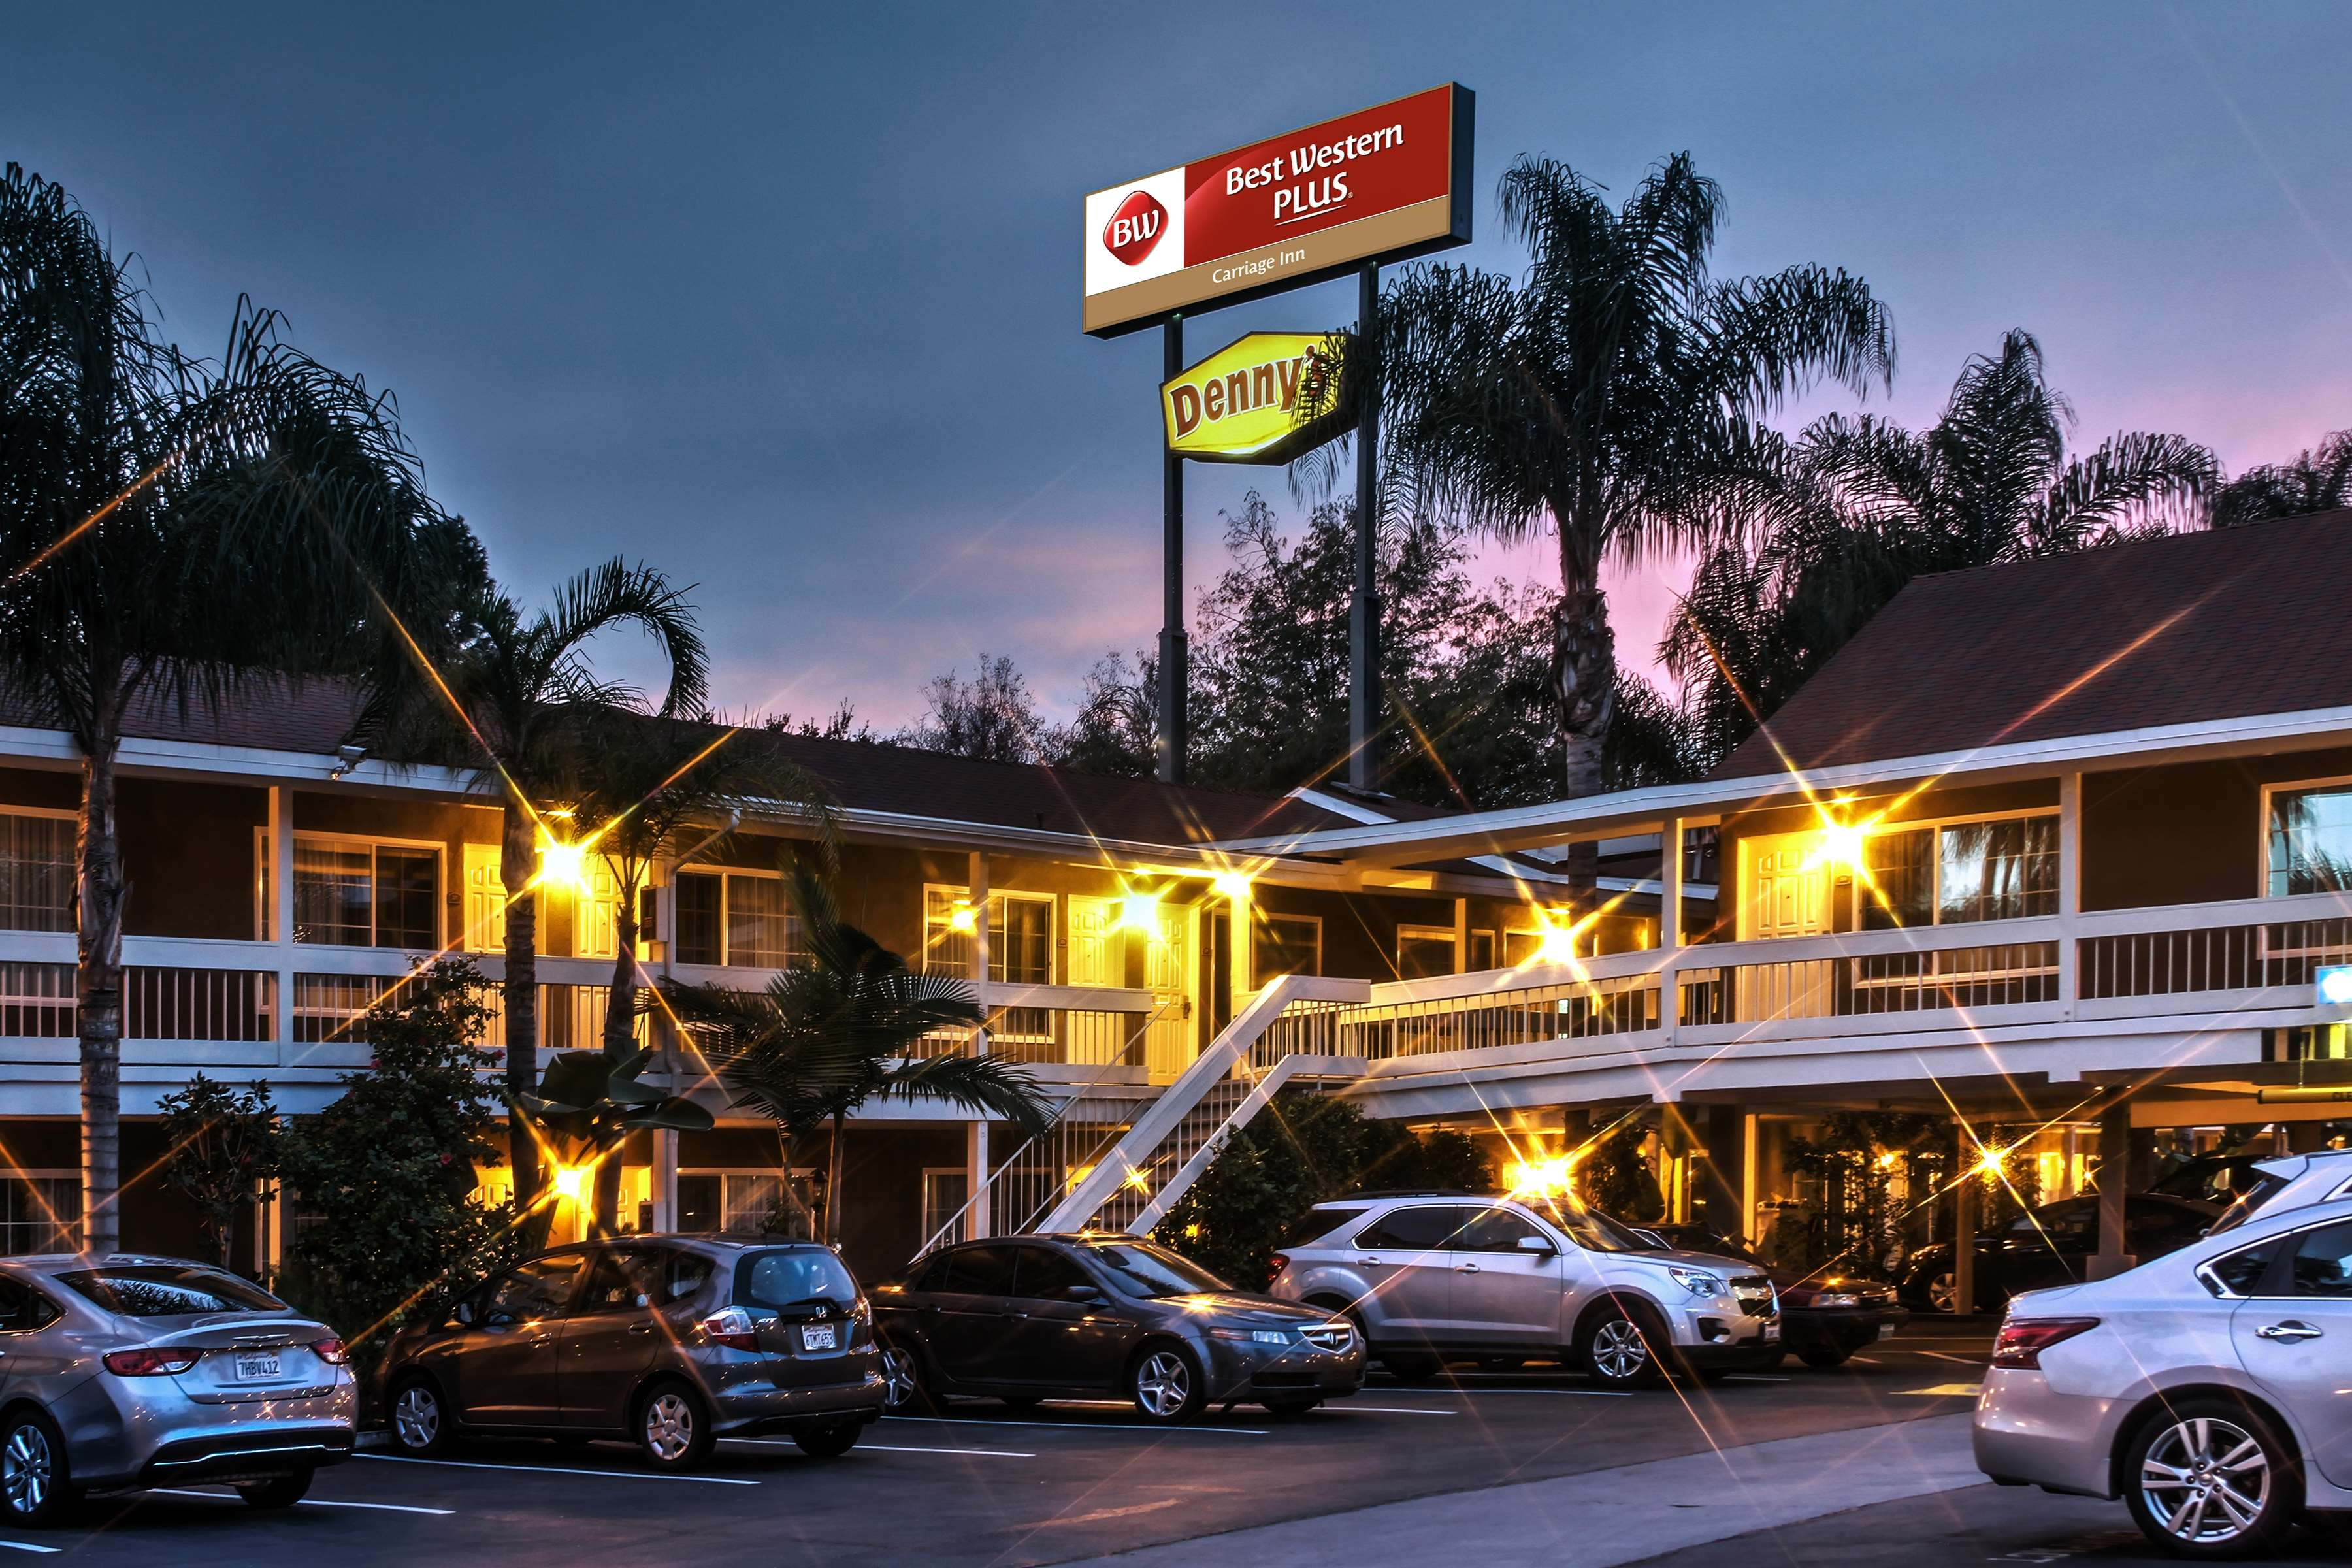 Best Western Plus Carriage Inn Sherman Oaks California